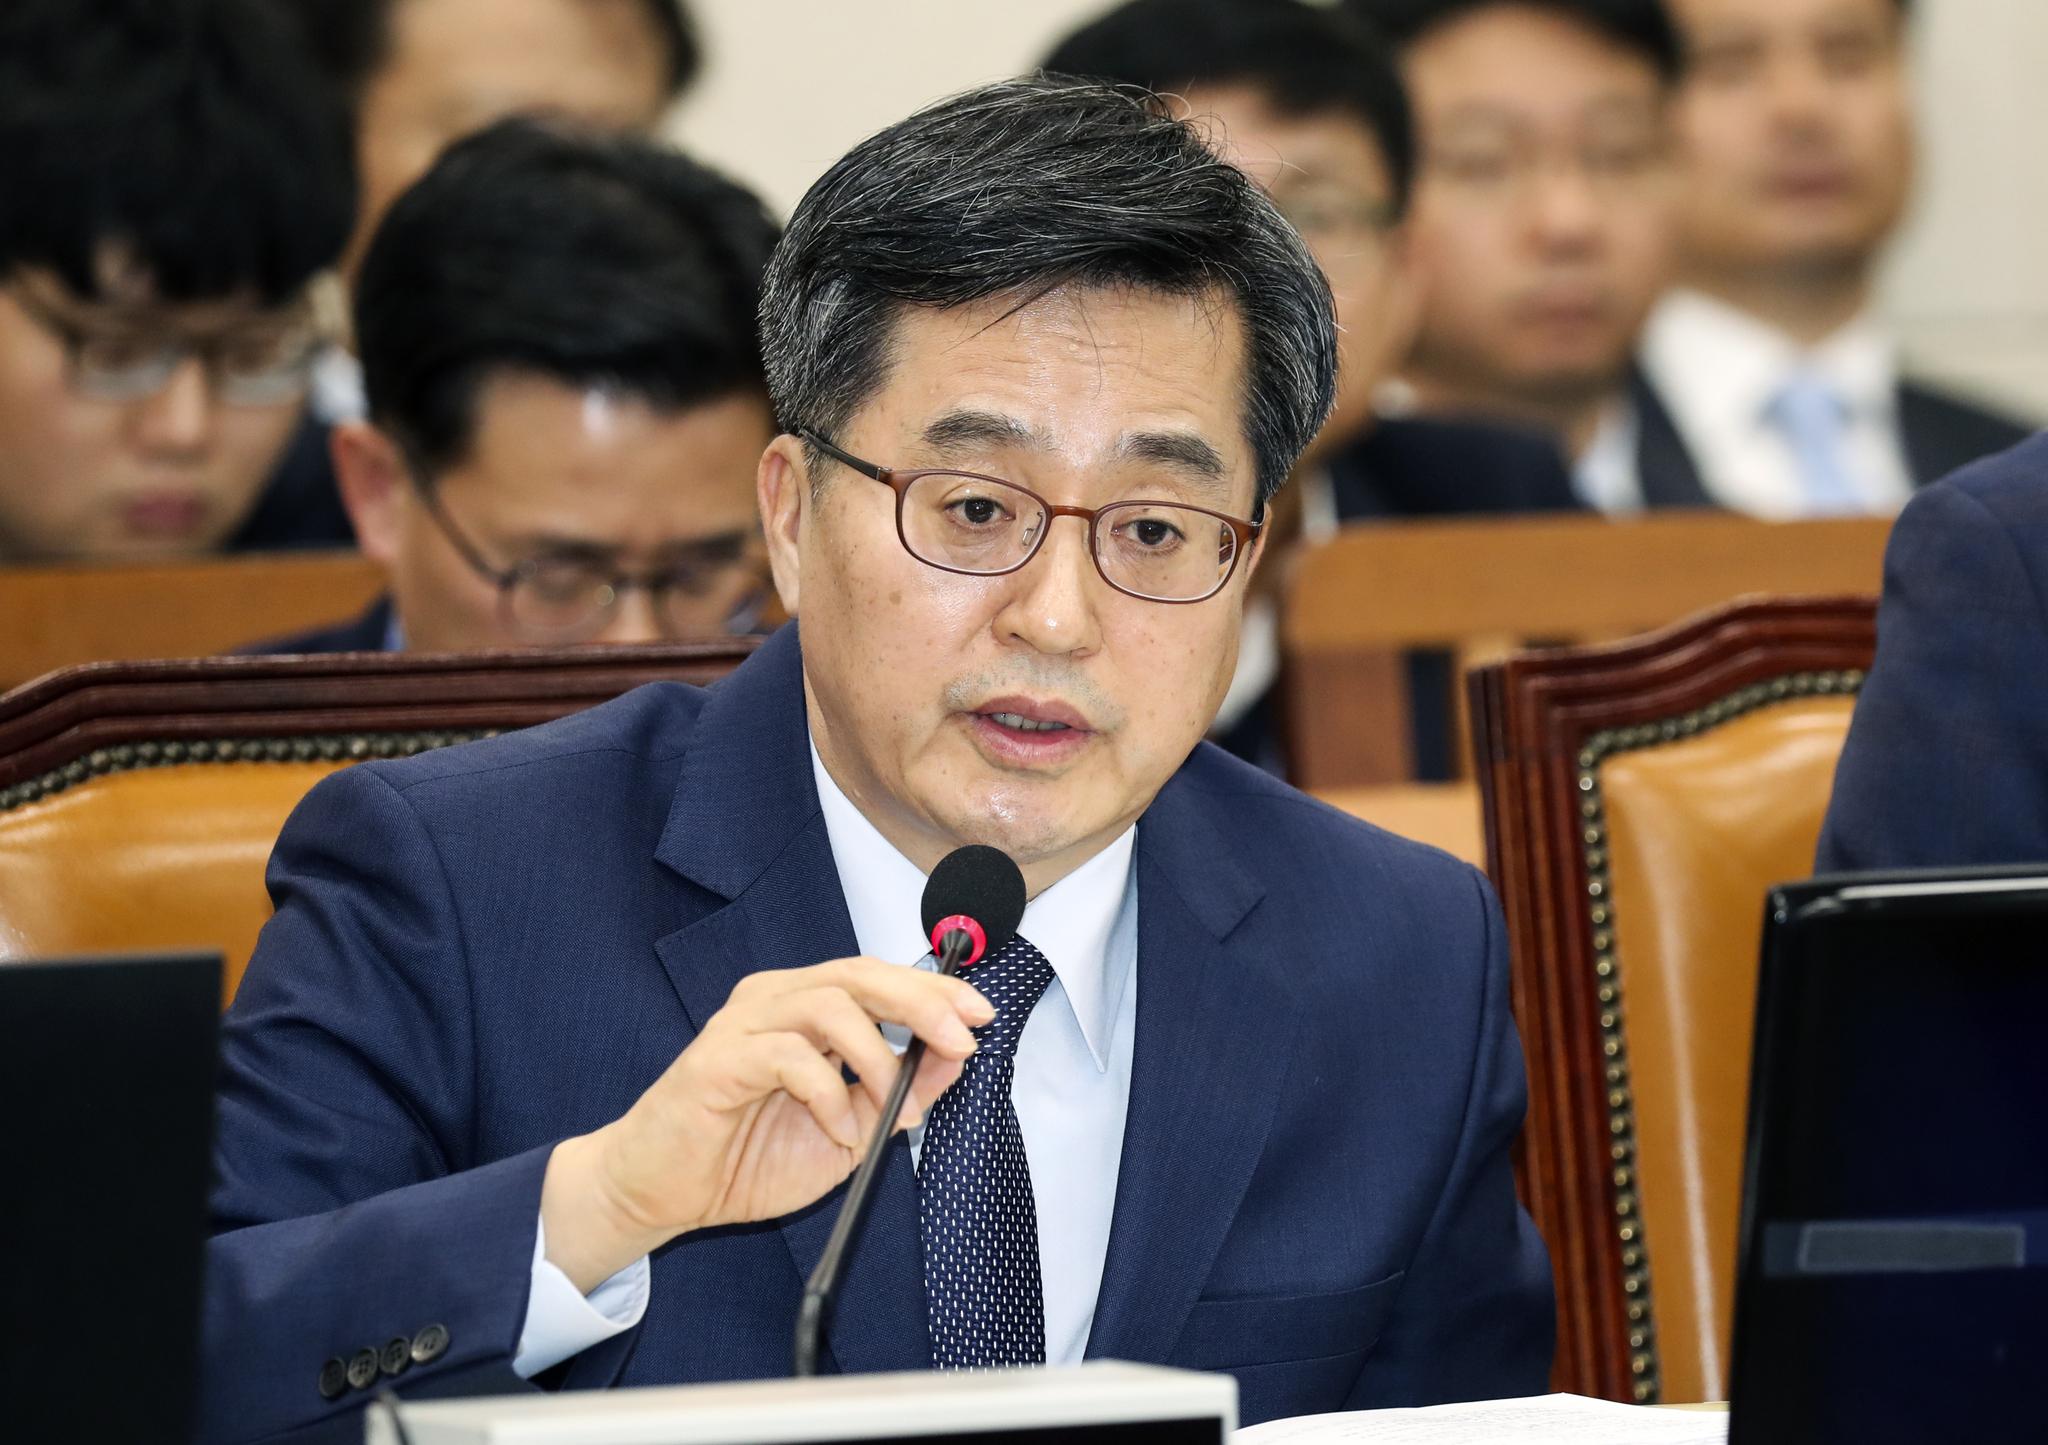 김동연 부총리 겸 기획재정부 장관이 5일 국회 기획재정위 전체회의에서 의원들의 질의에 답하고 있다. 임현동 기자